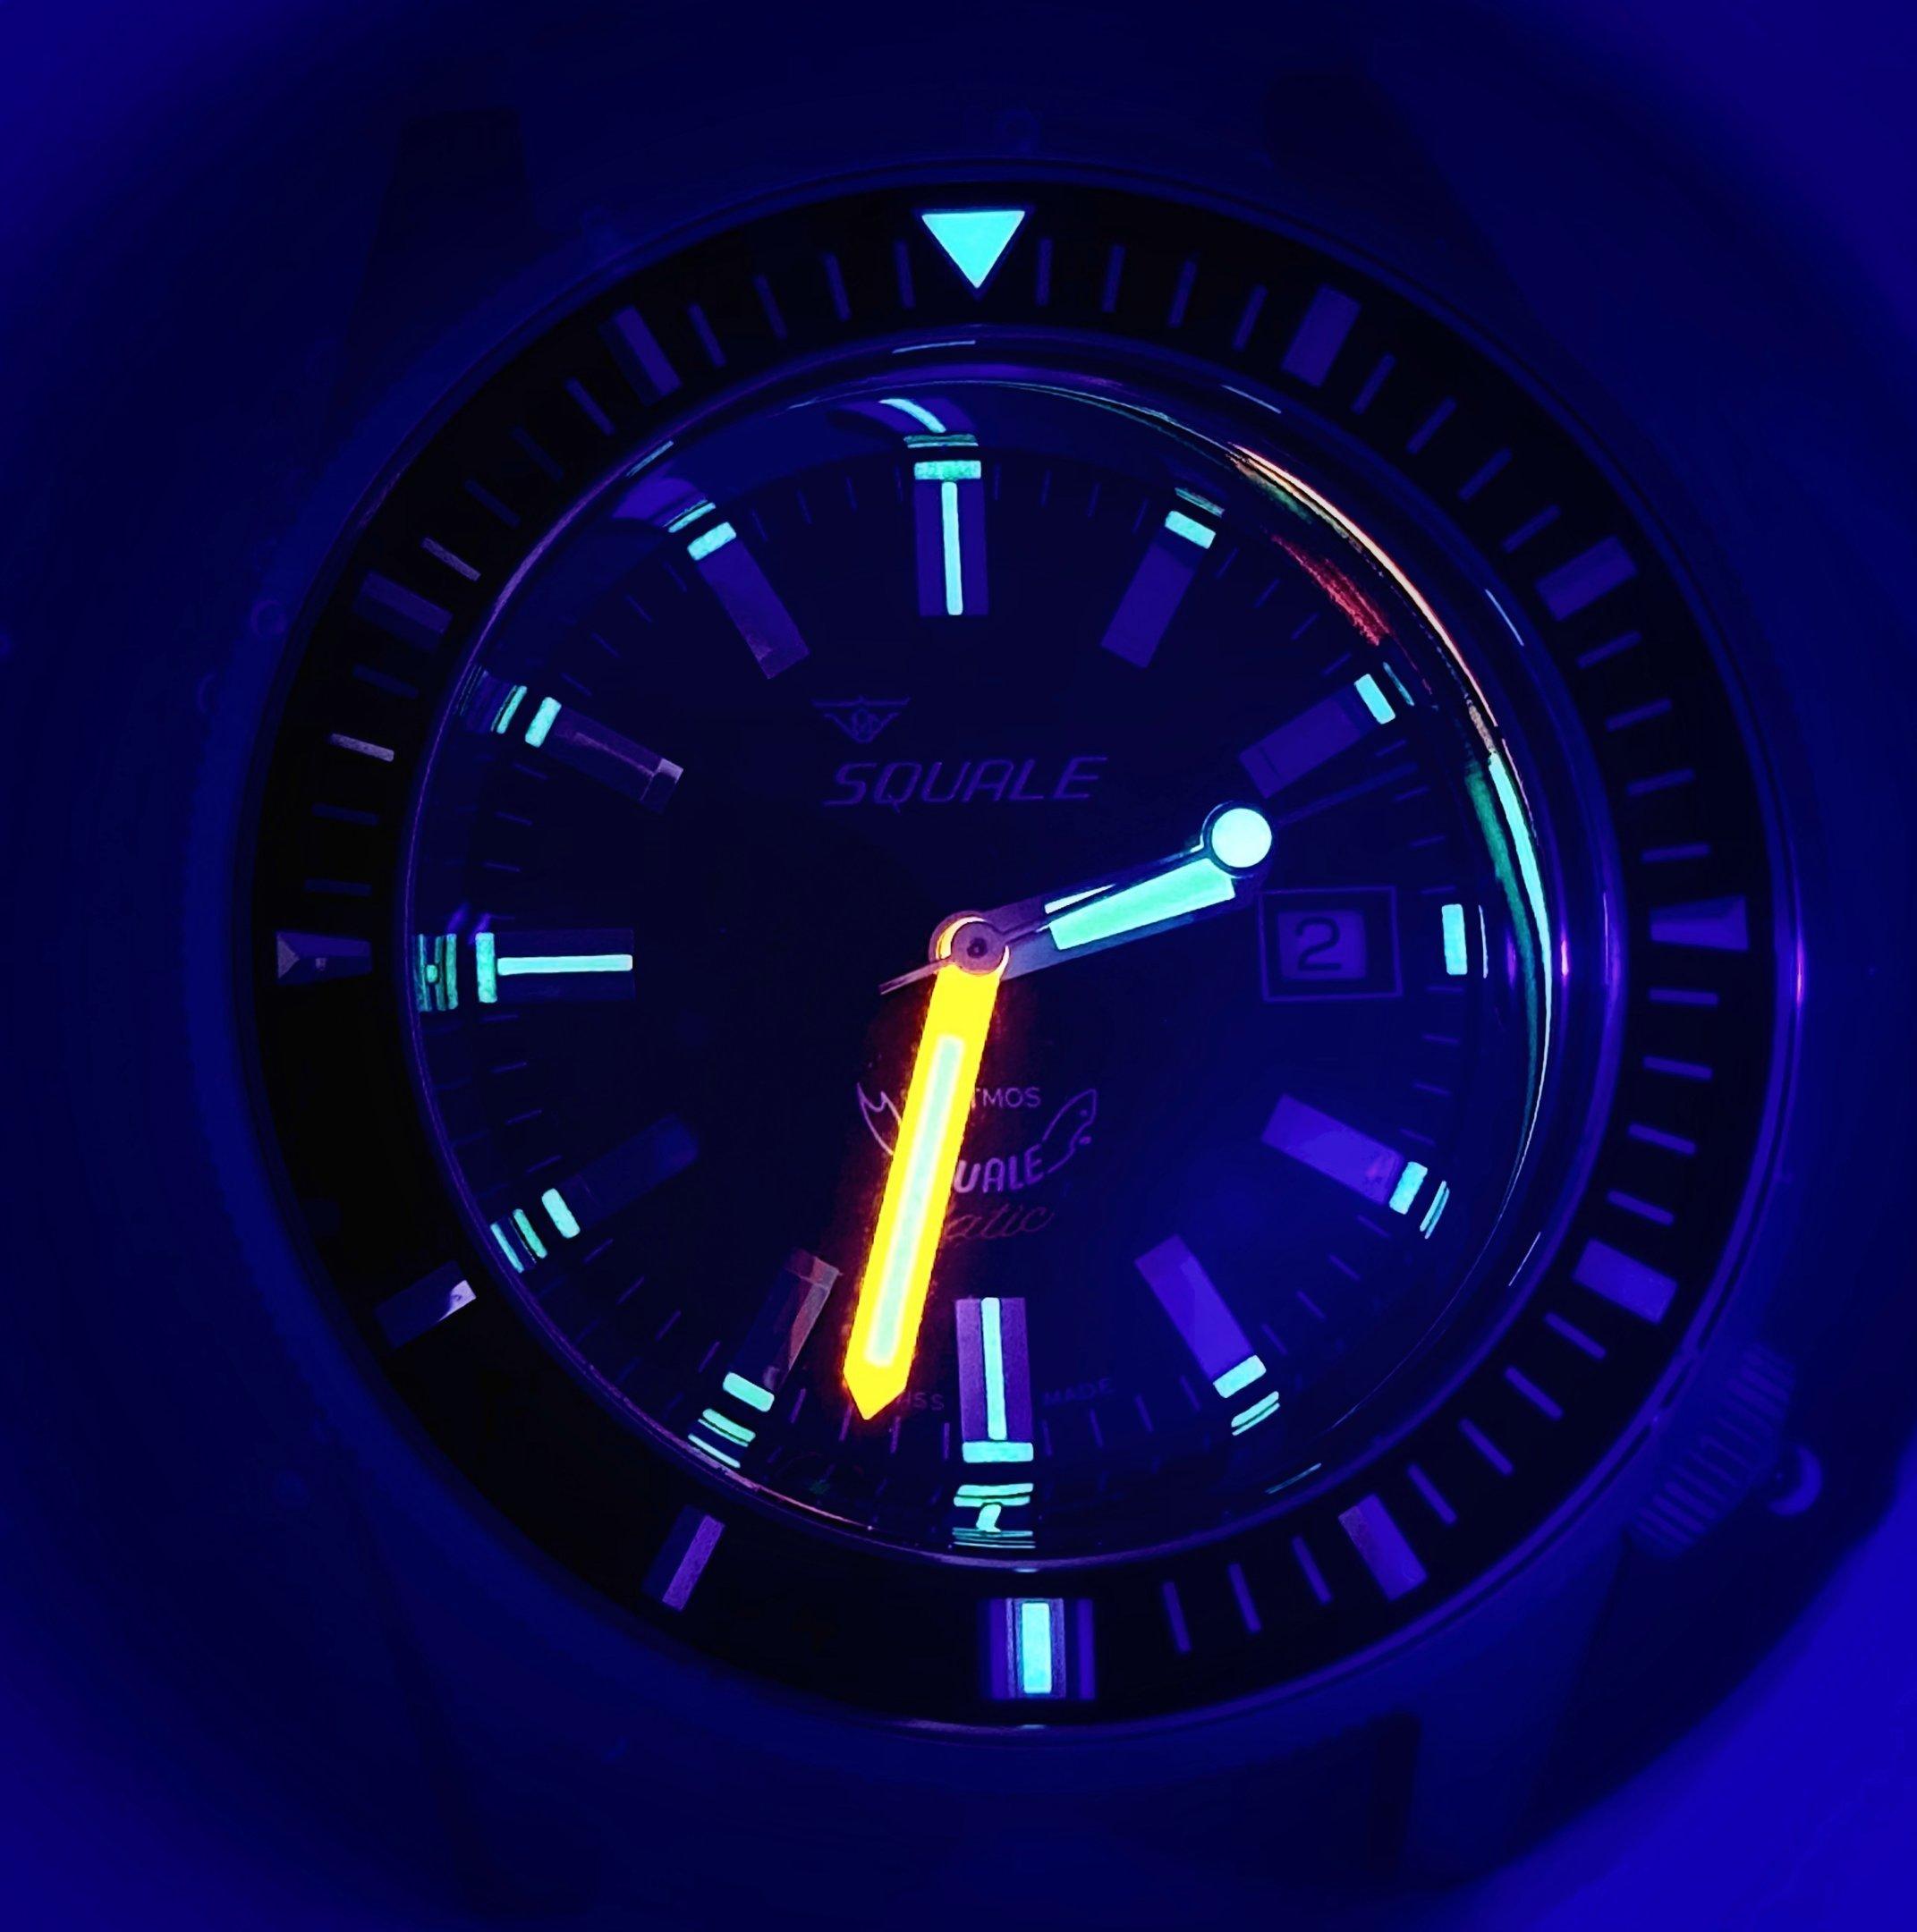 80950A0E-31E8-4055-ADBB-28FDB1B91177.